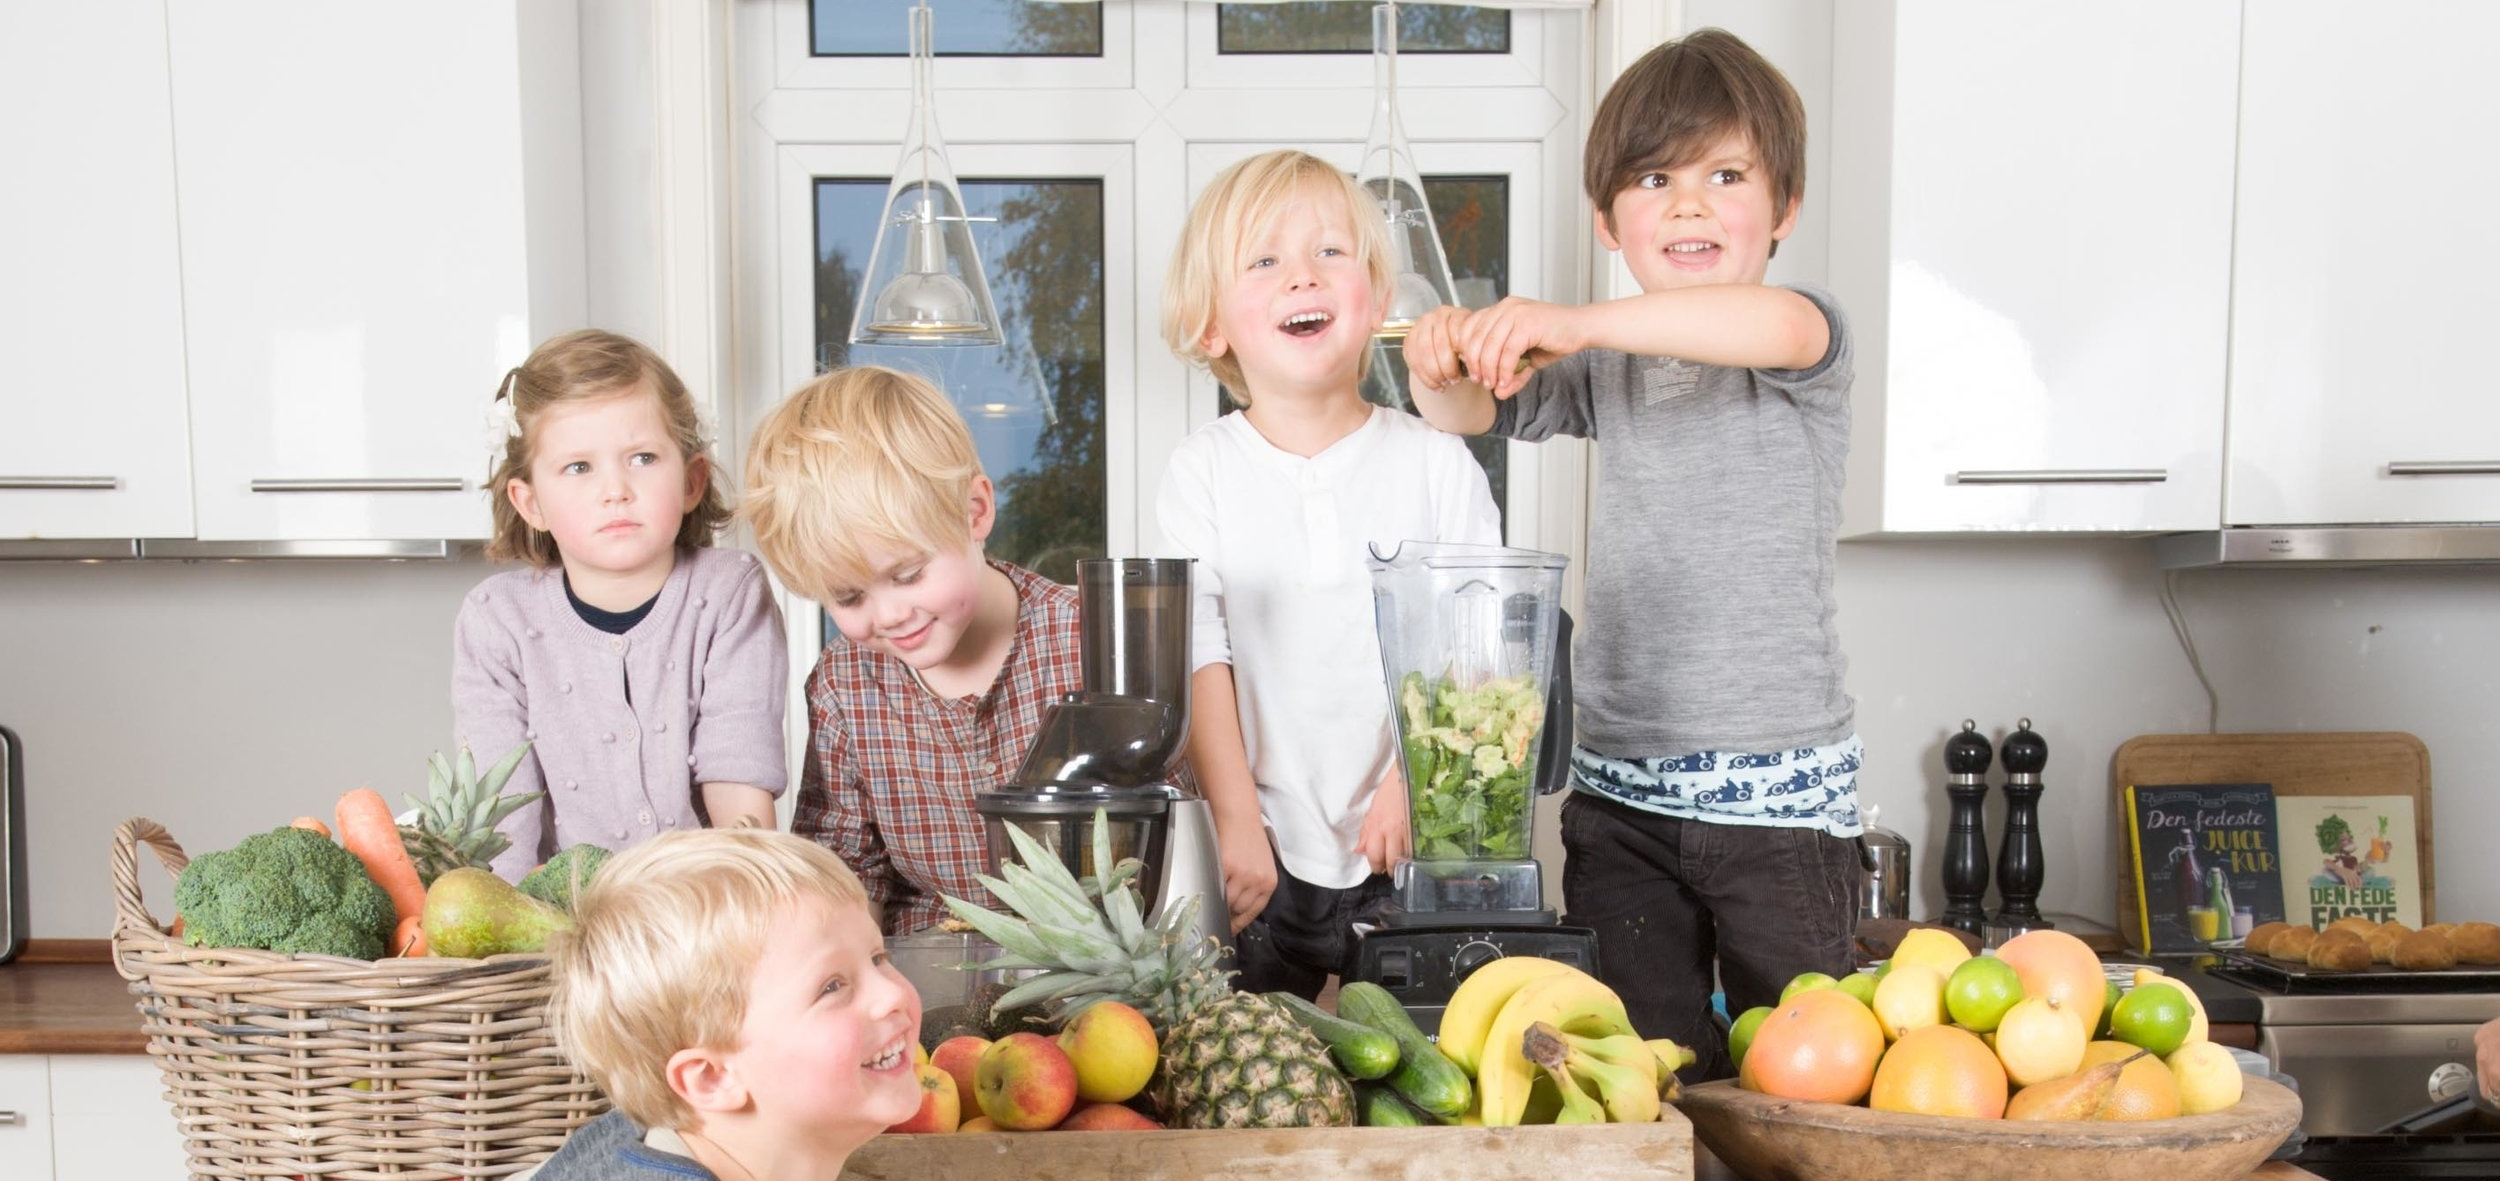 Lad børnene lave deres egne juice